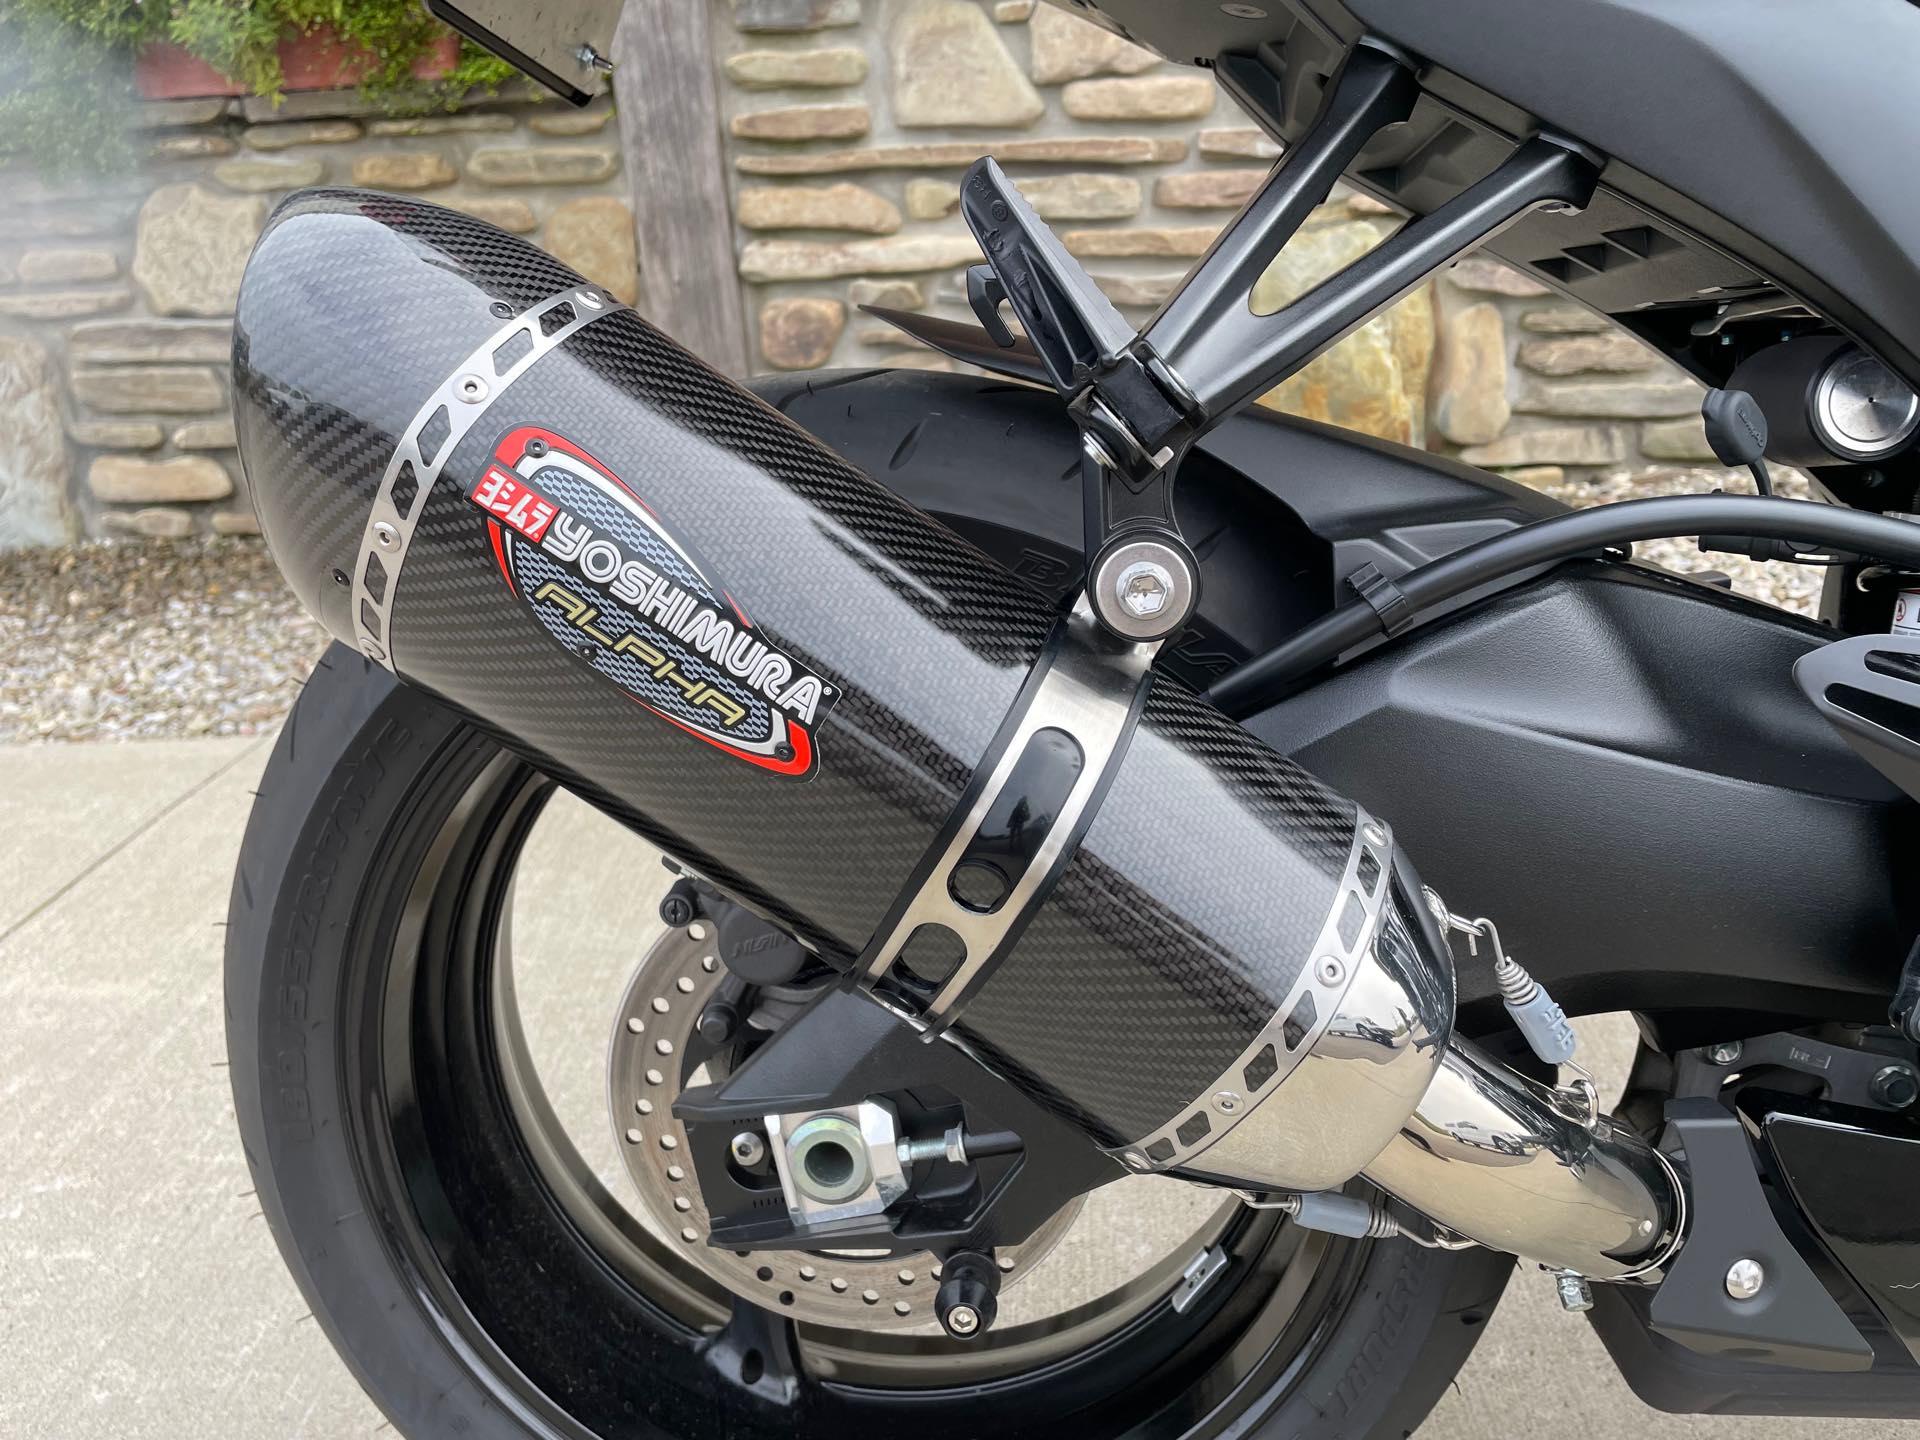 2020 Suzuki GSX-R 600 at Arkport Cycles